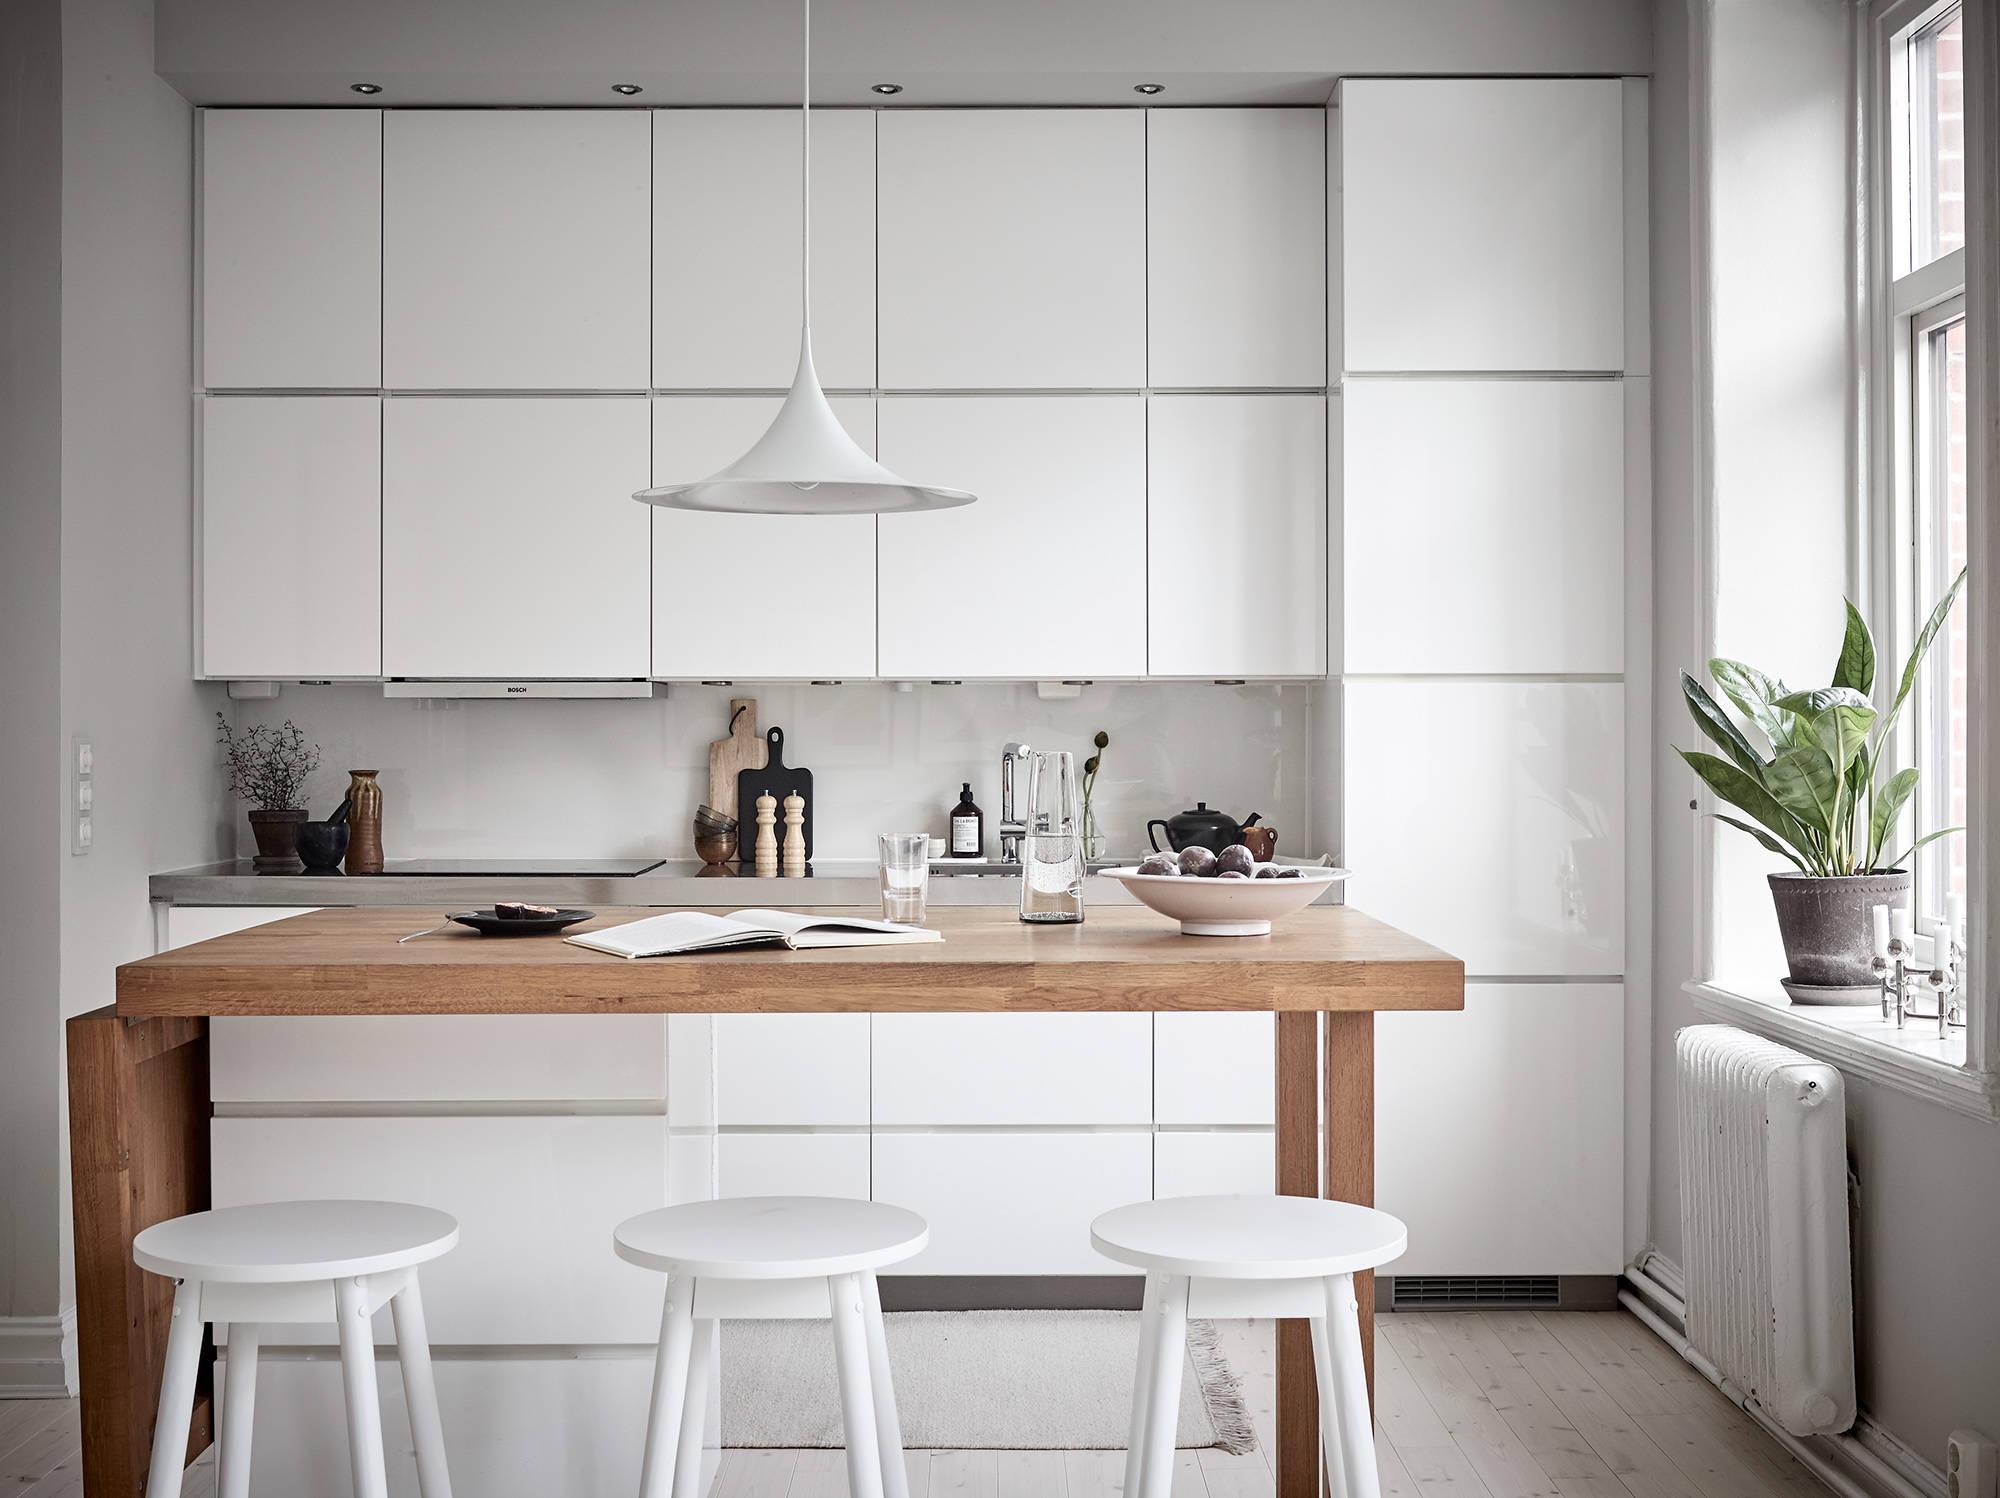 Cocina n rdica elegante con isla port til blog tienda decoraci n estilo n rdico delikatissen - Cocinas estilo nordico ...